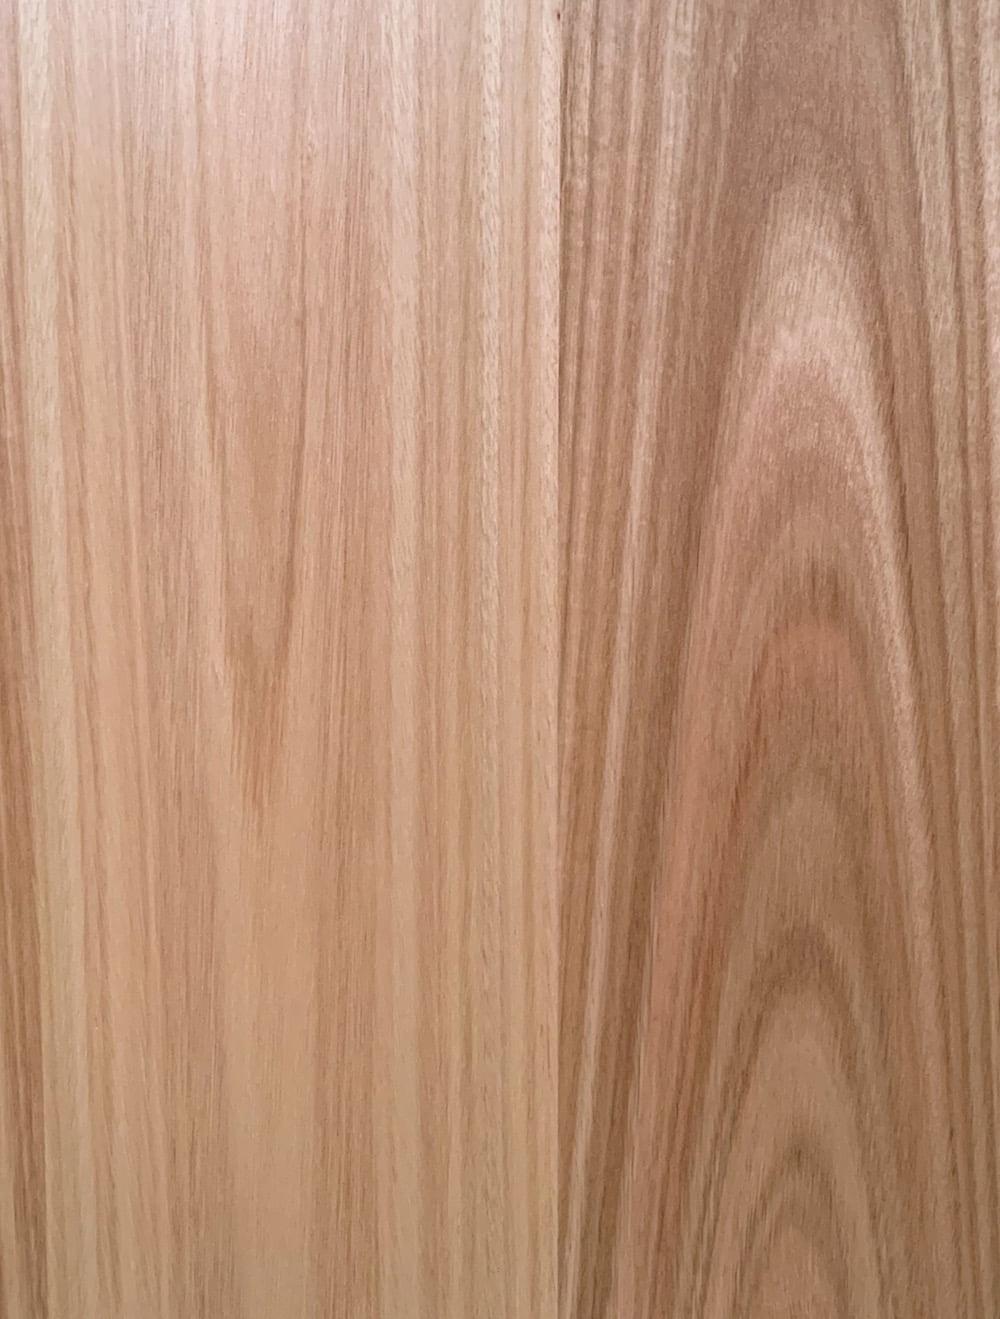 European Plantation Oak